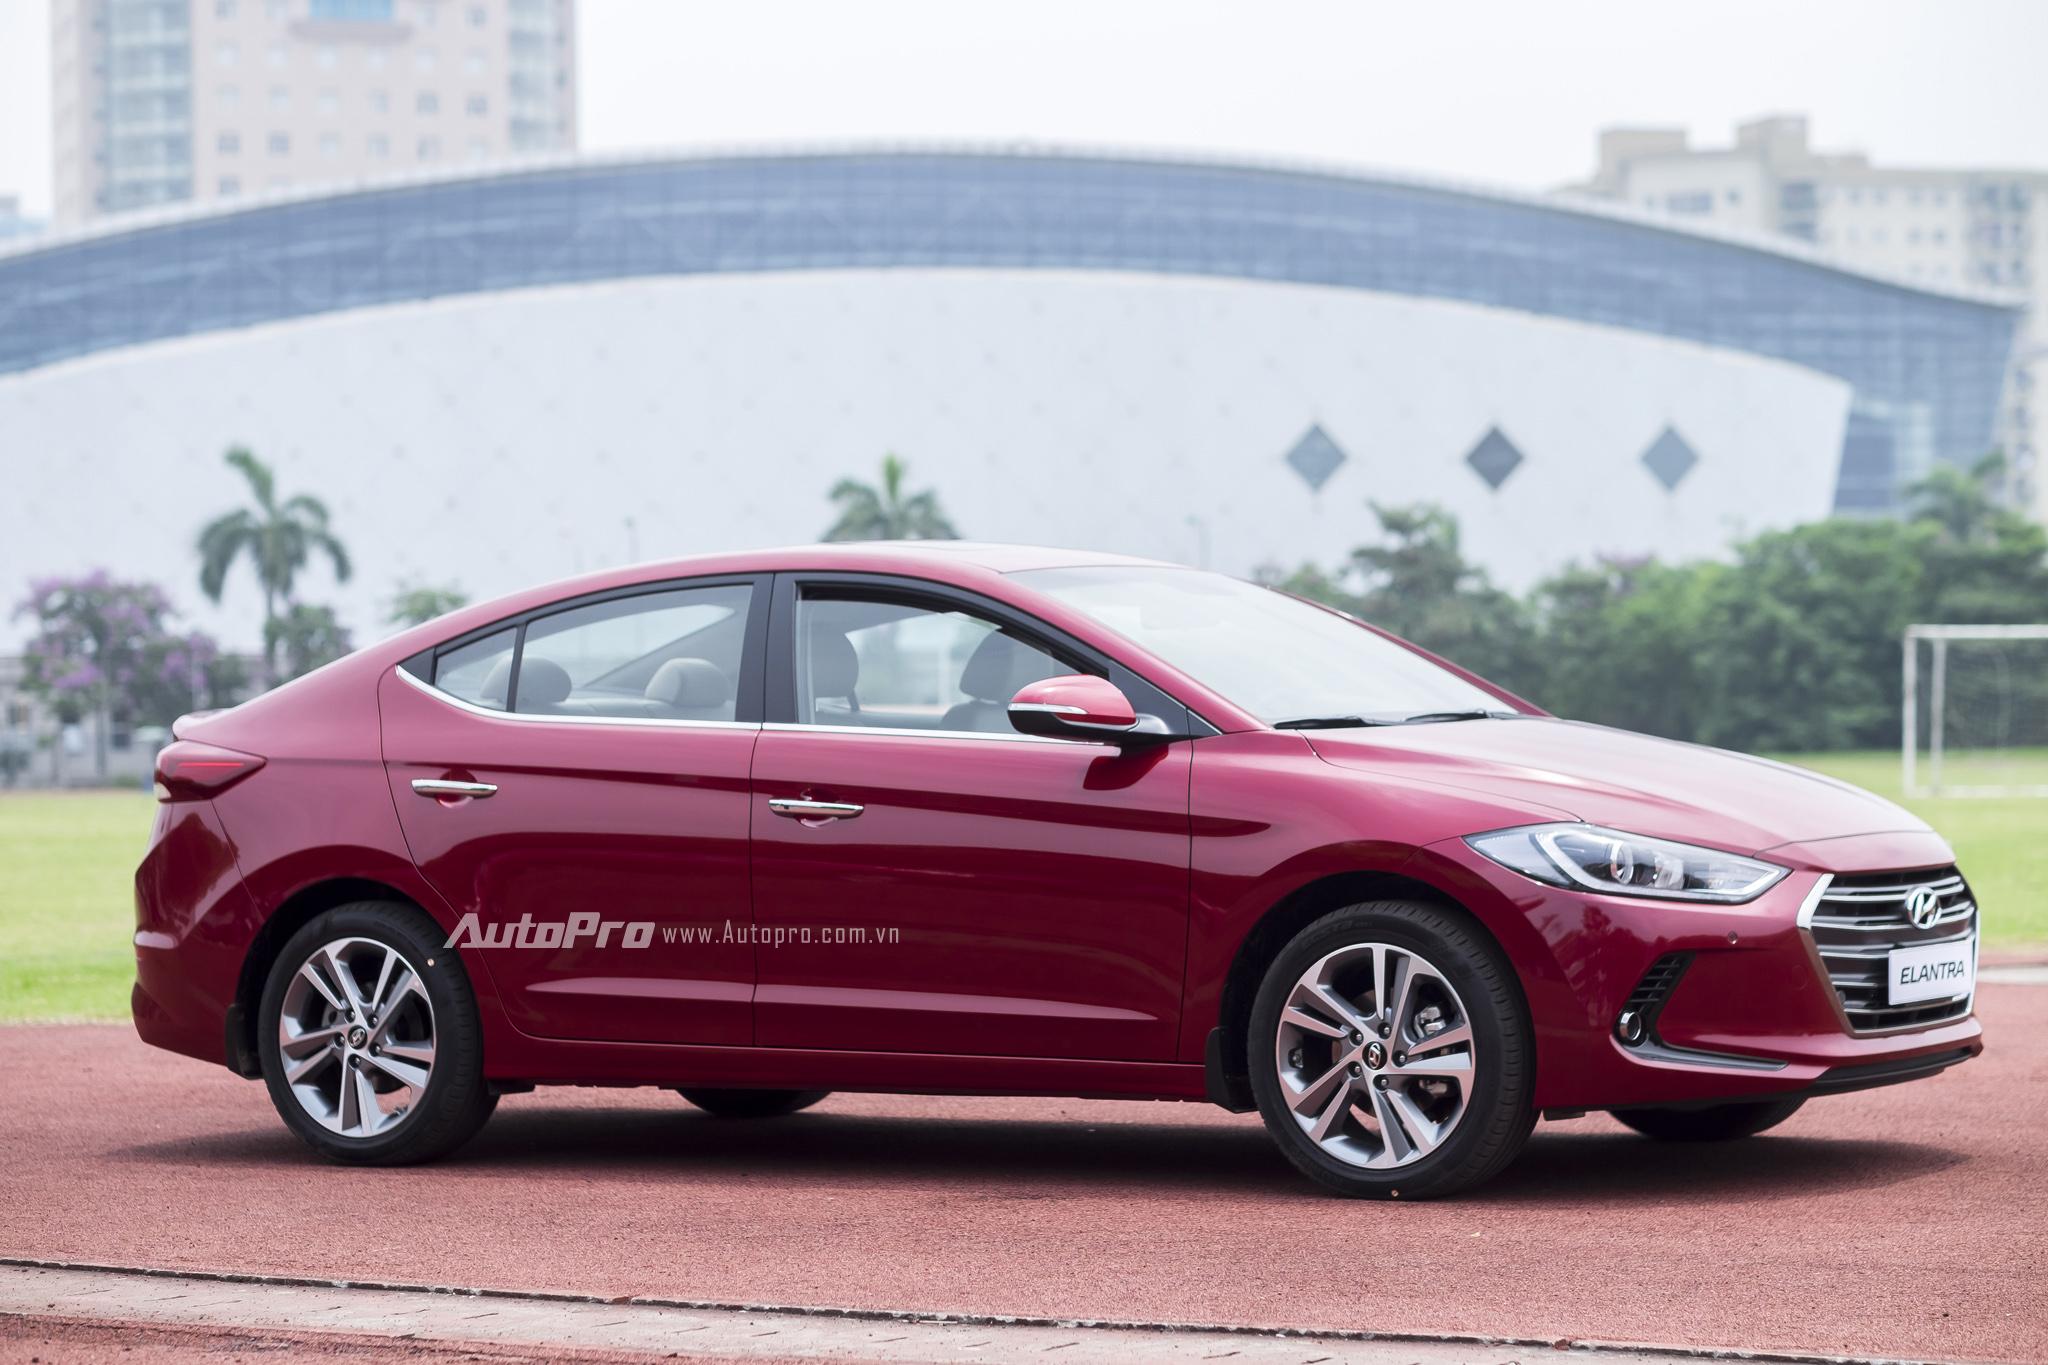 Hyundai Elantra 2016 vừa được ra mắt tại Việt Nam thuộc thế hệ thứ 6 của dòng xe này với thiết kế cá tính, mạnh mẽ và bắt mắt hơn.